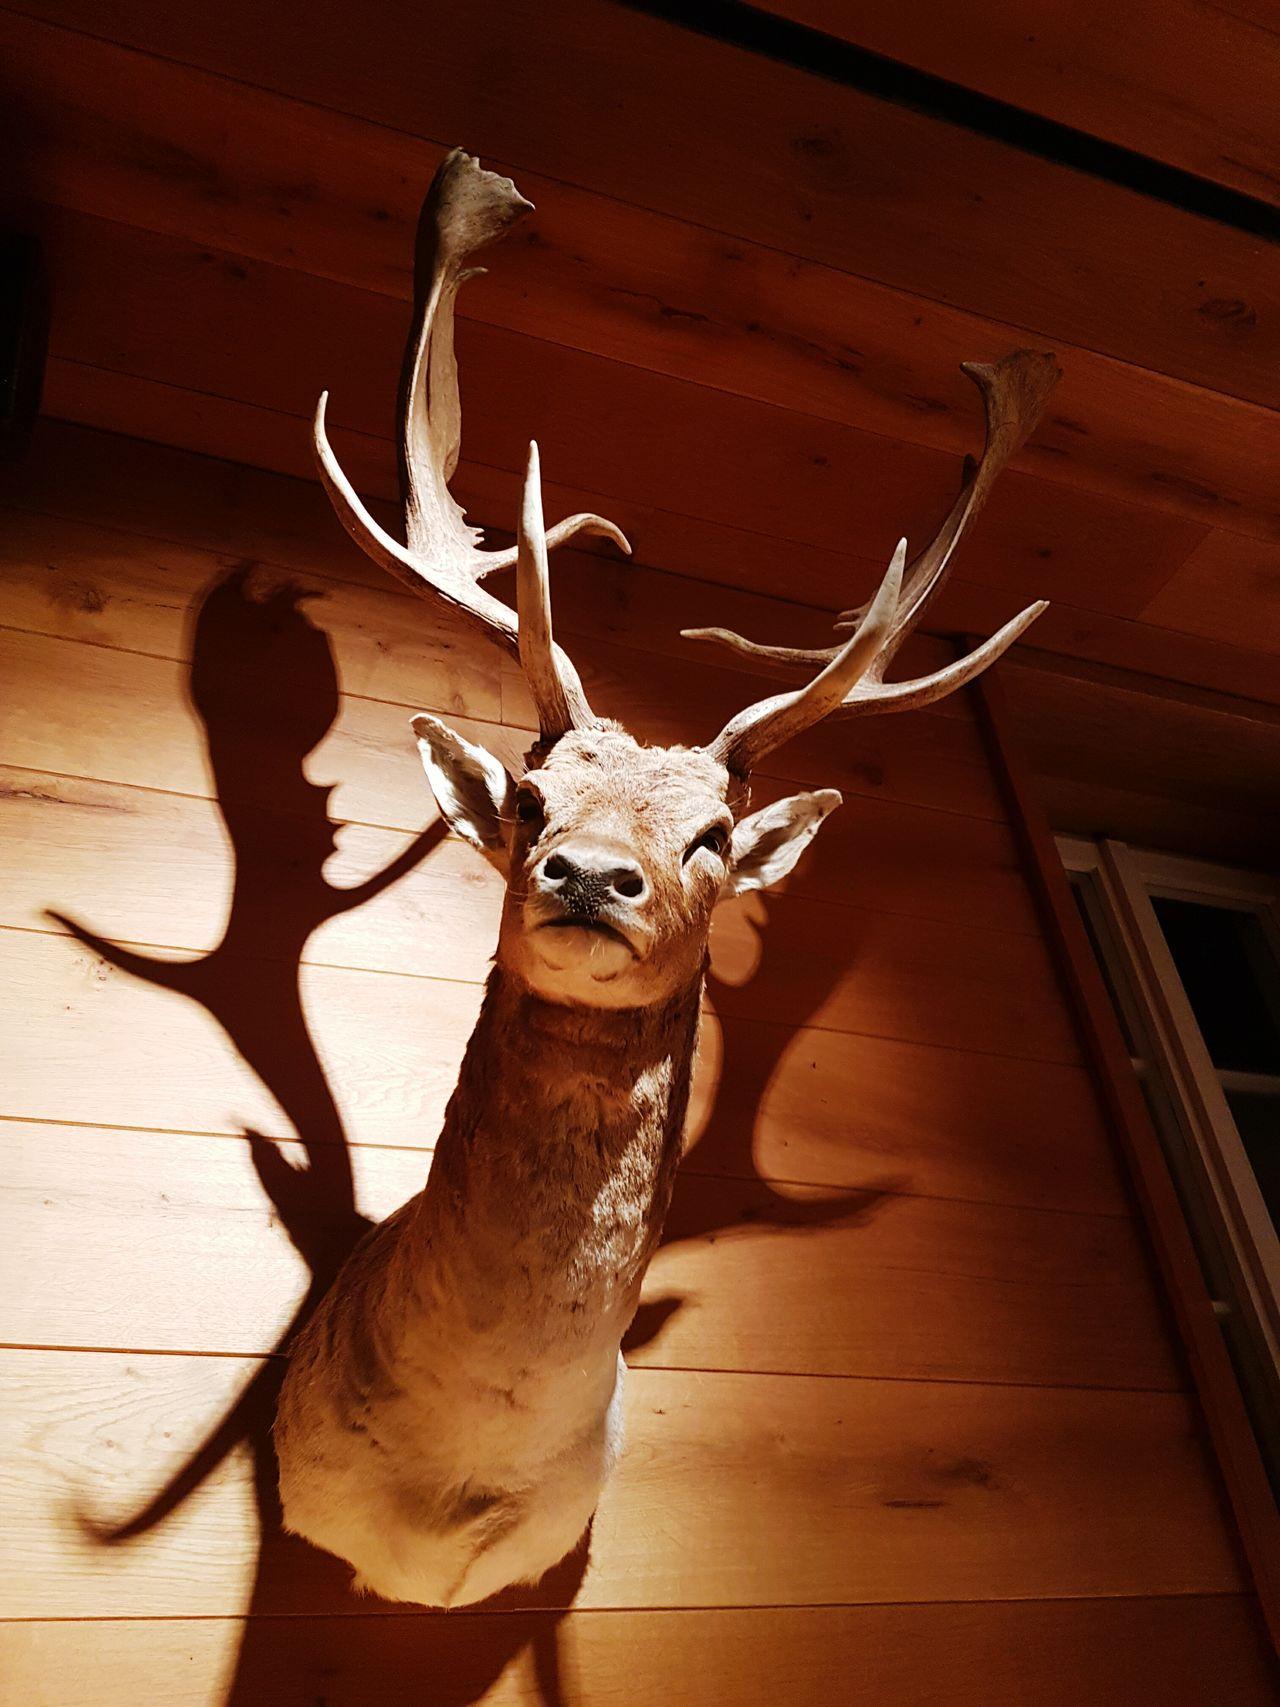 Animal Body Part Animal Wildlife One Animal Deer Indoors  Hirschgeweih Deer Moments Deer Heads Deer Horns Rustic Style EyeEmNewHere